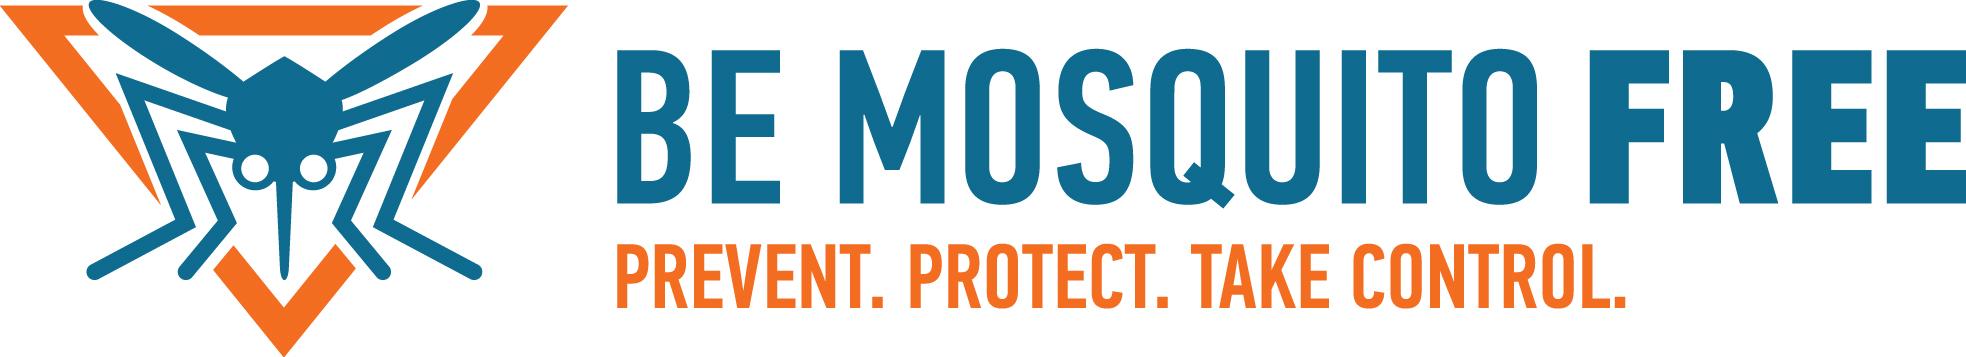 Be Mosquito Free - Horizontal.jpg